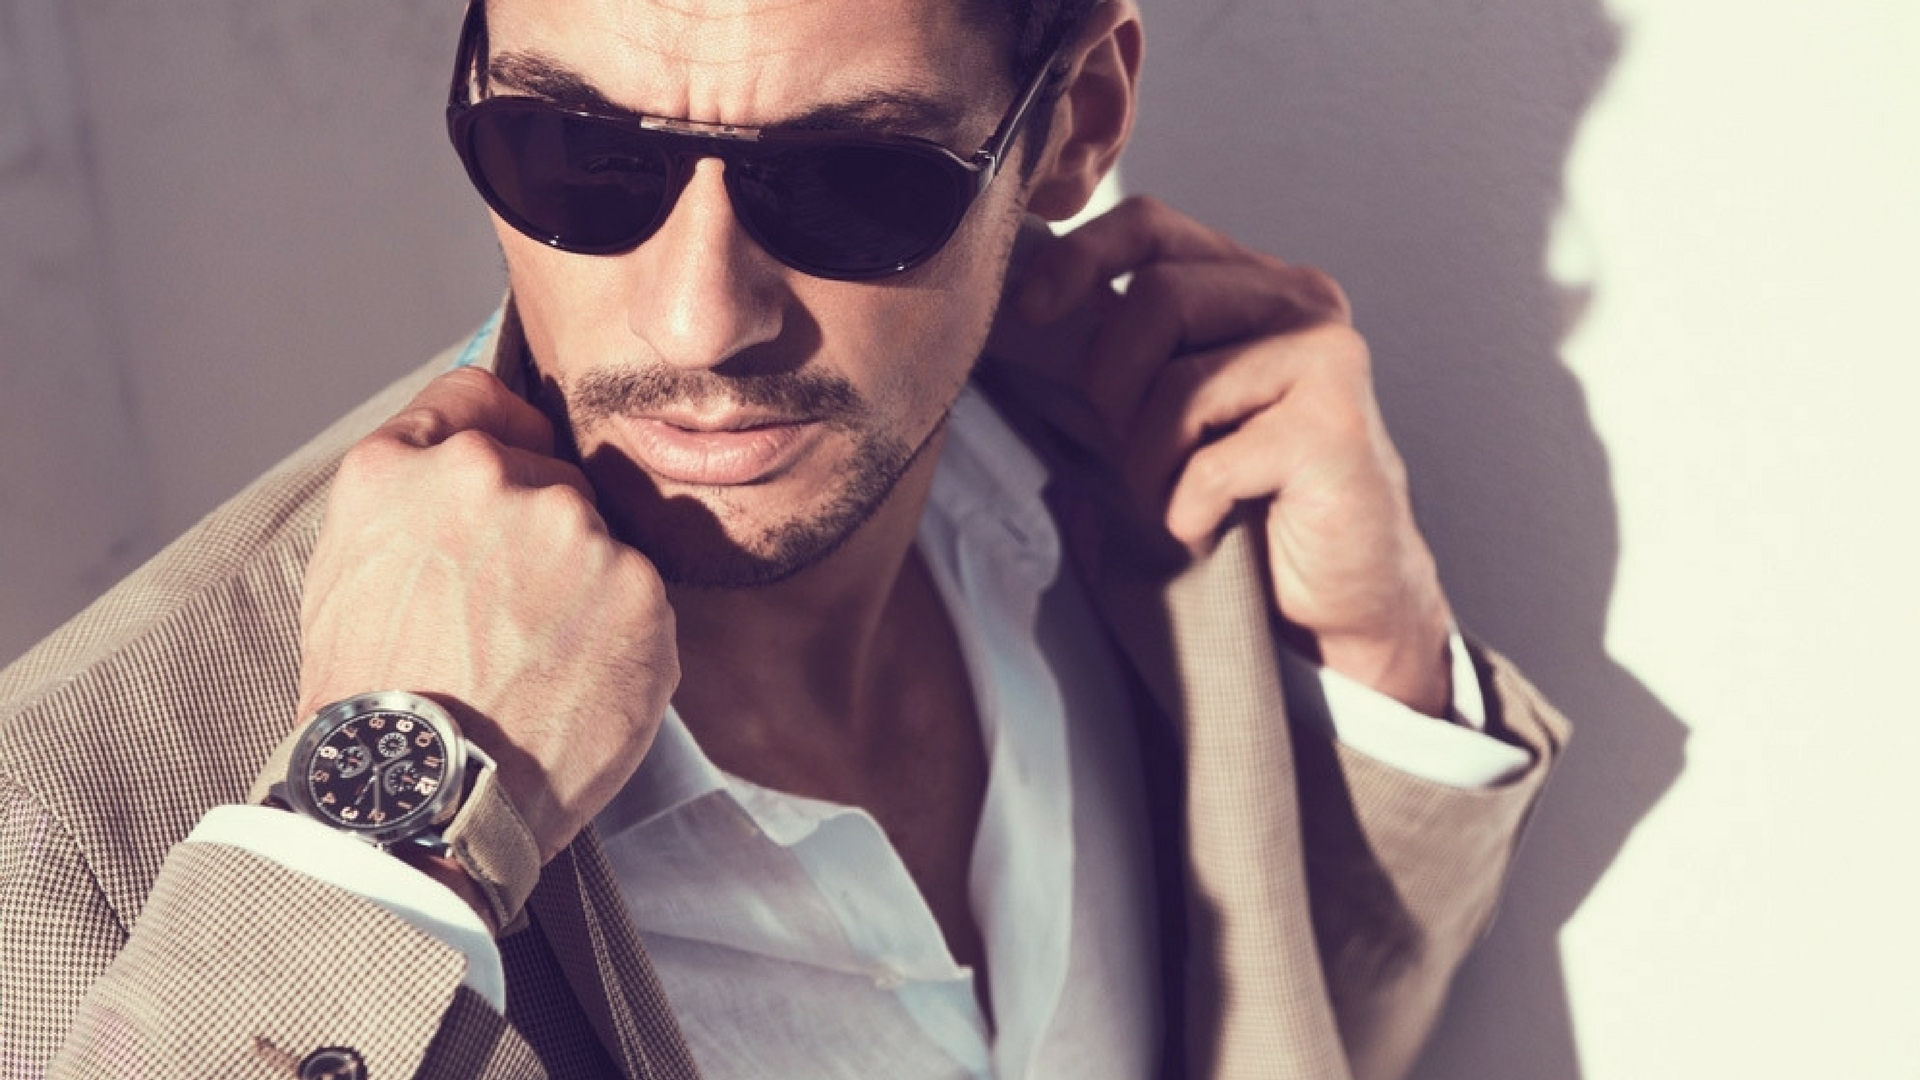 Картинка: Мужчина, очки, свет, наручные часы, пиджак